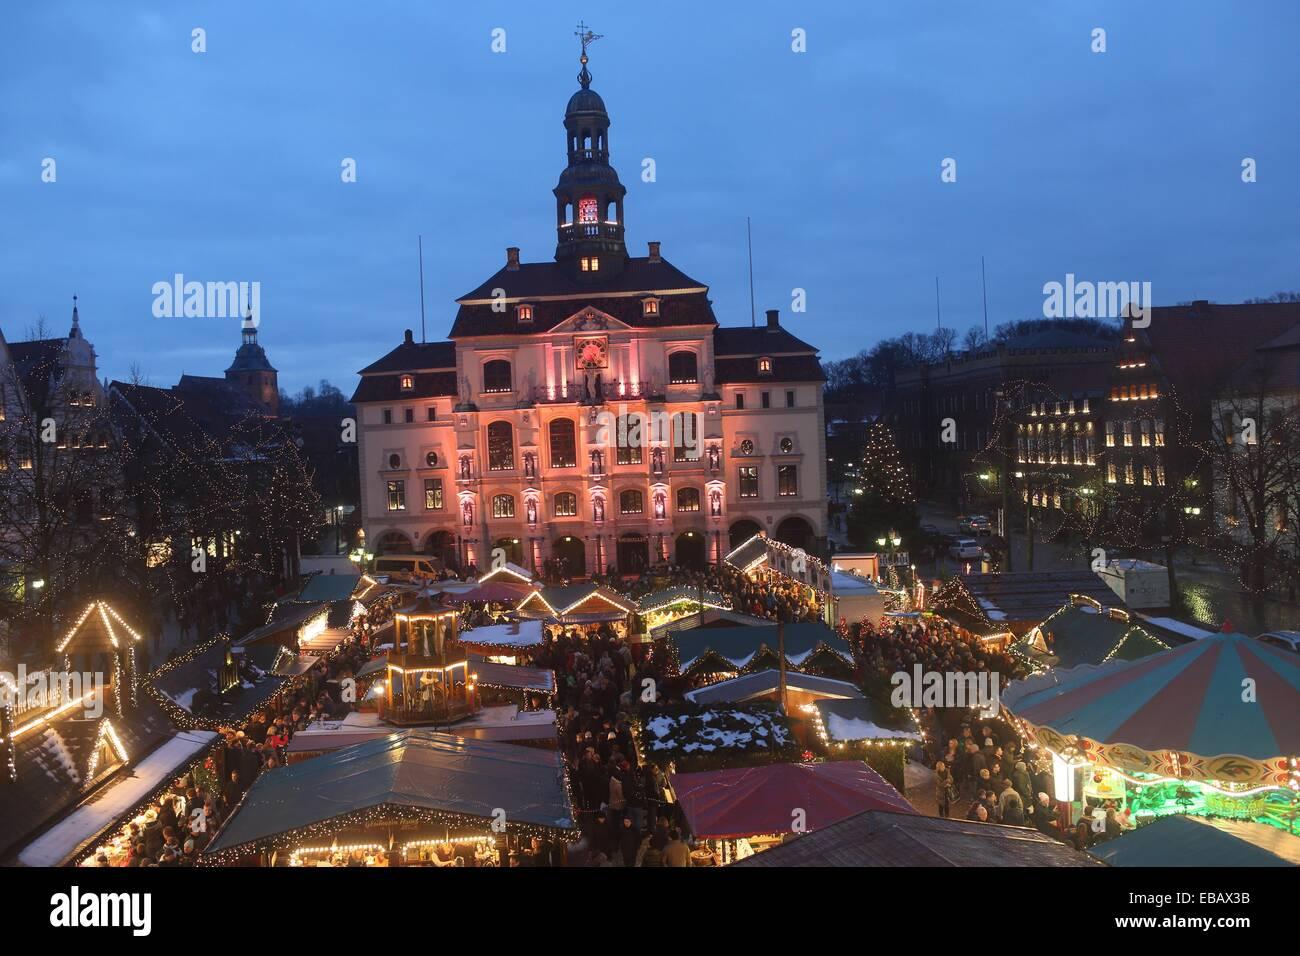 Christmas Market, Lueneburg, Lower Saxonia, Germany, Europe Stock Photo